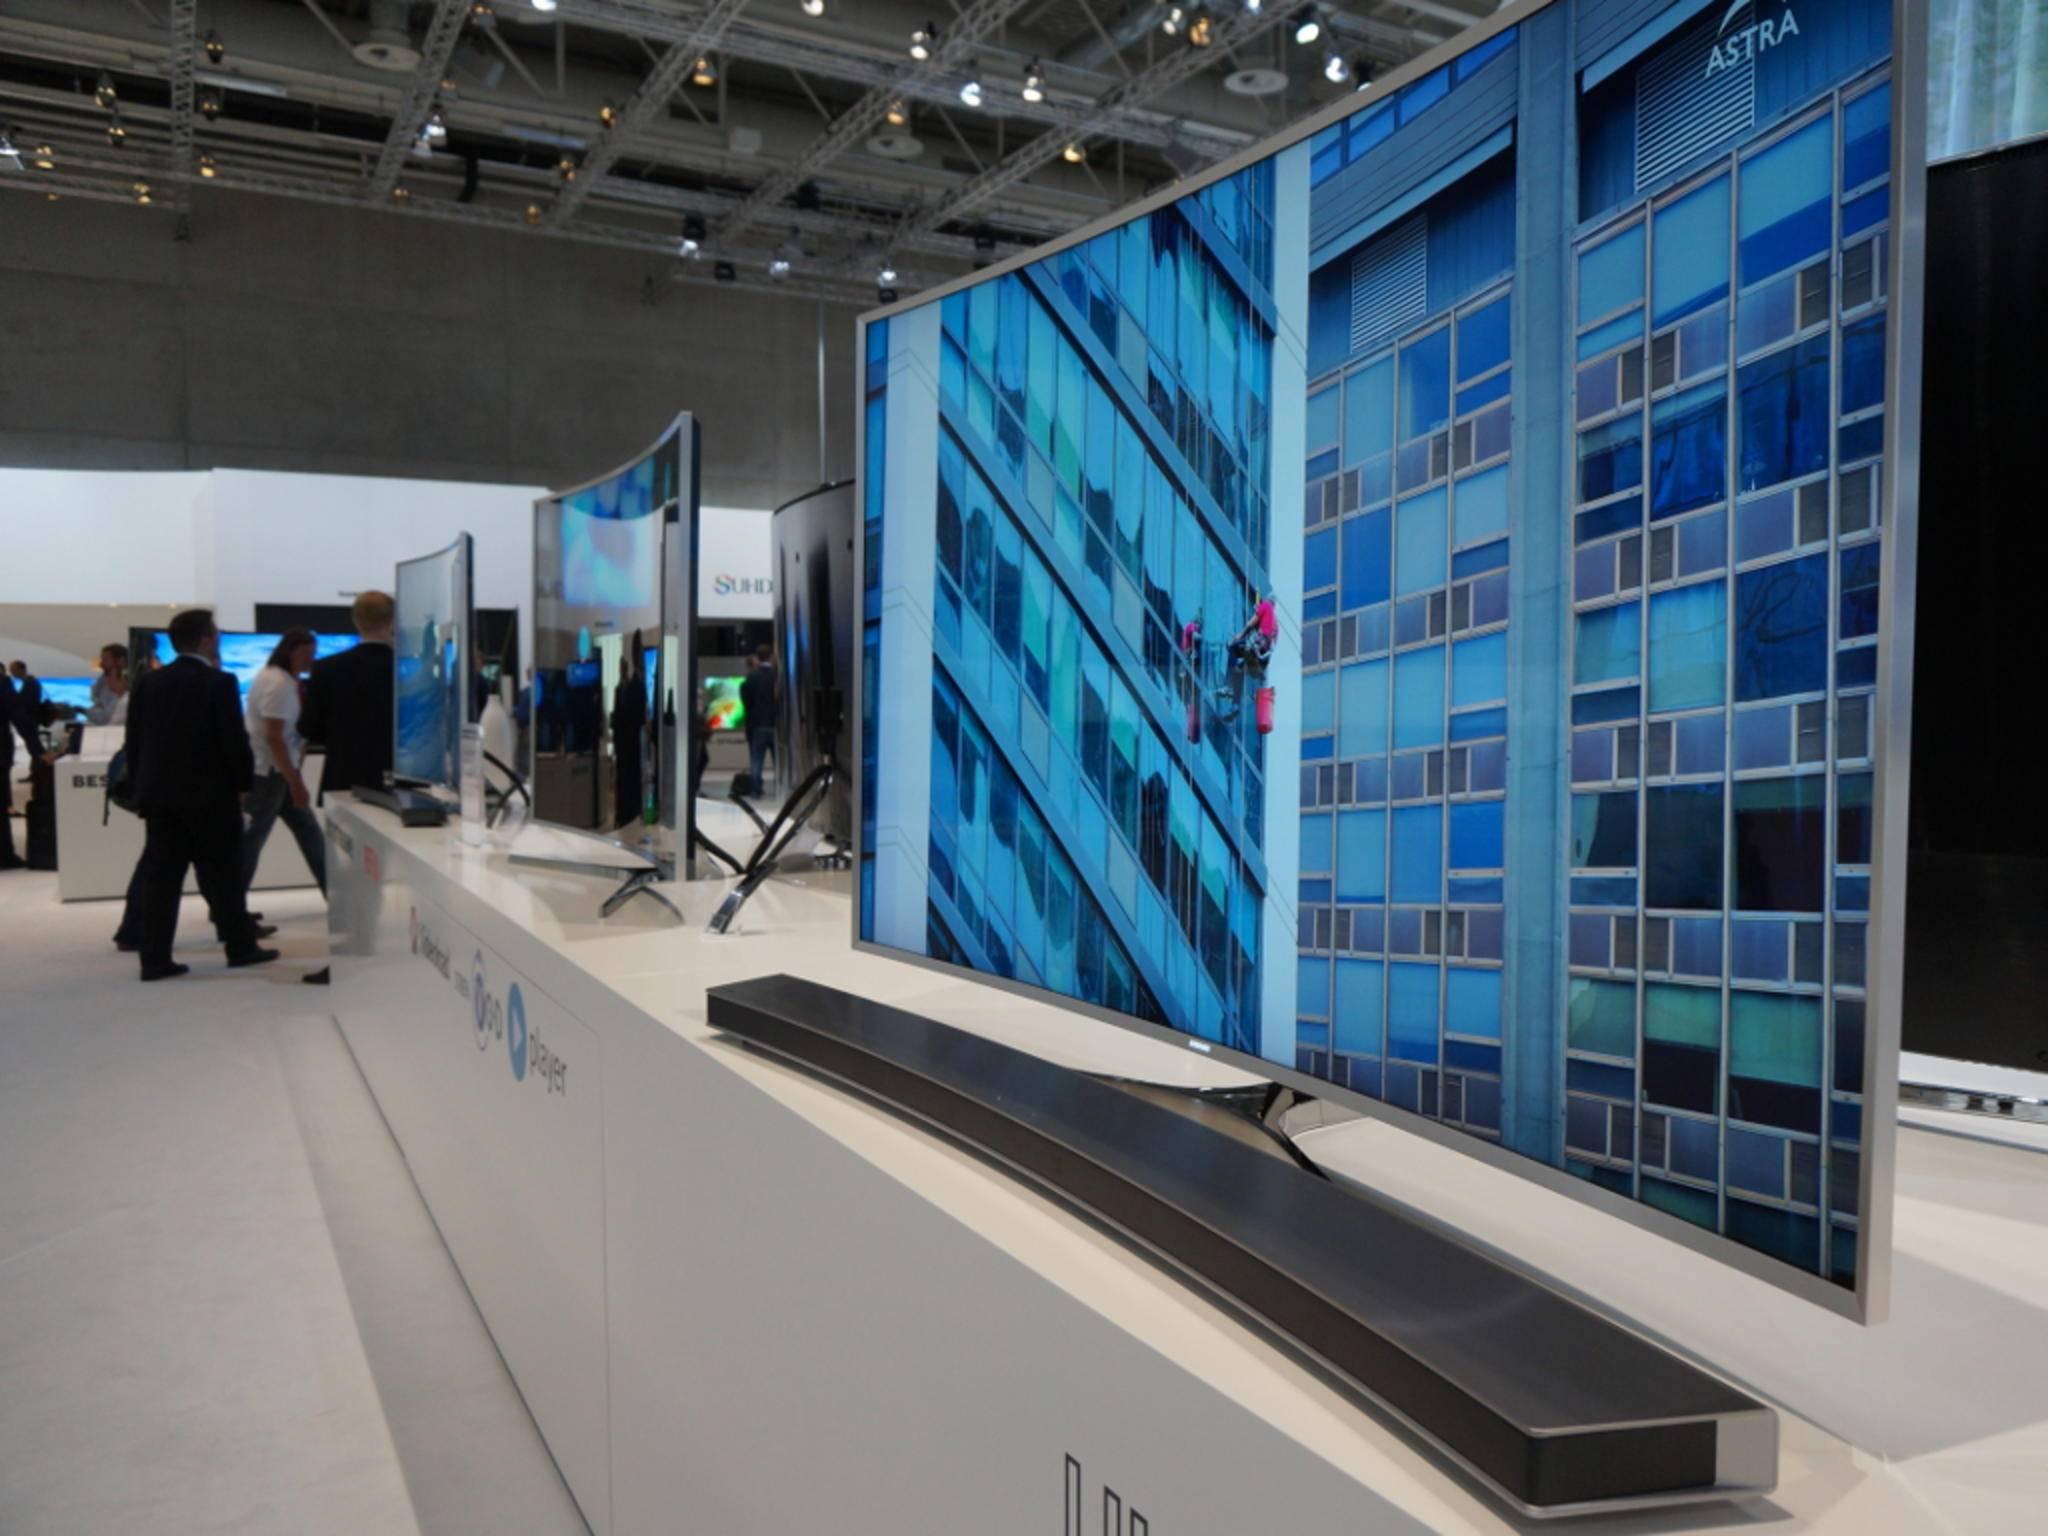 Samsung verbessert die Sicherheit von Smart TVs.